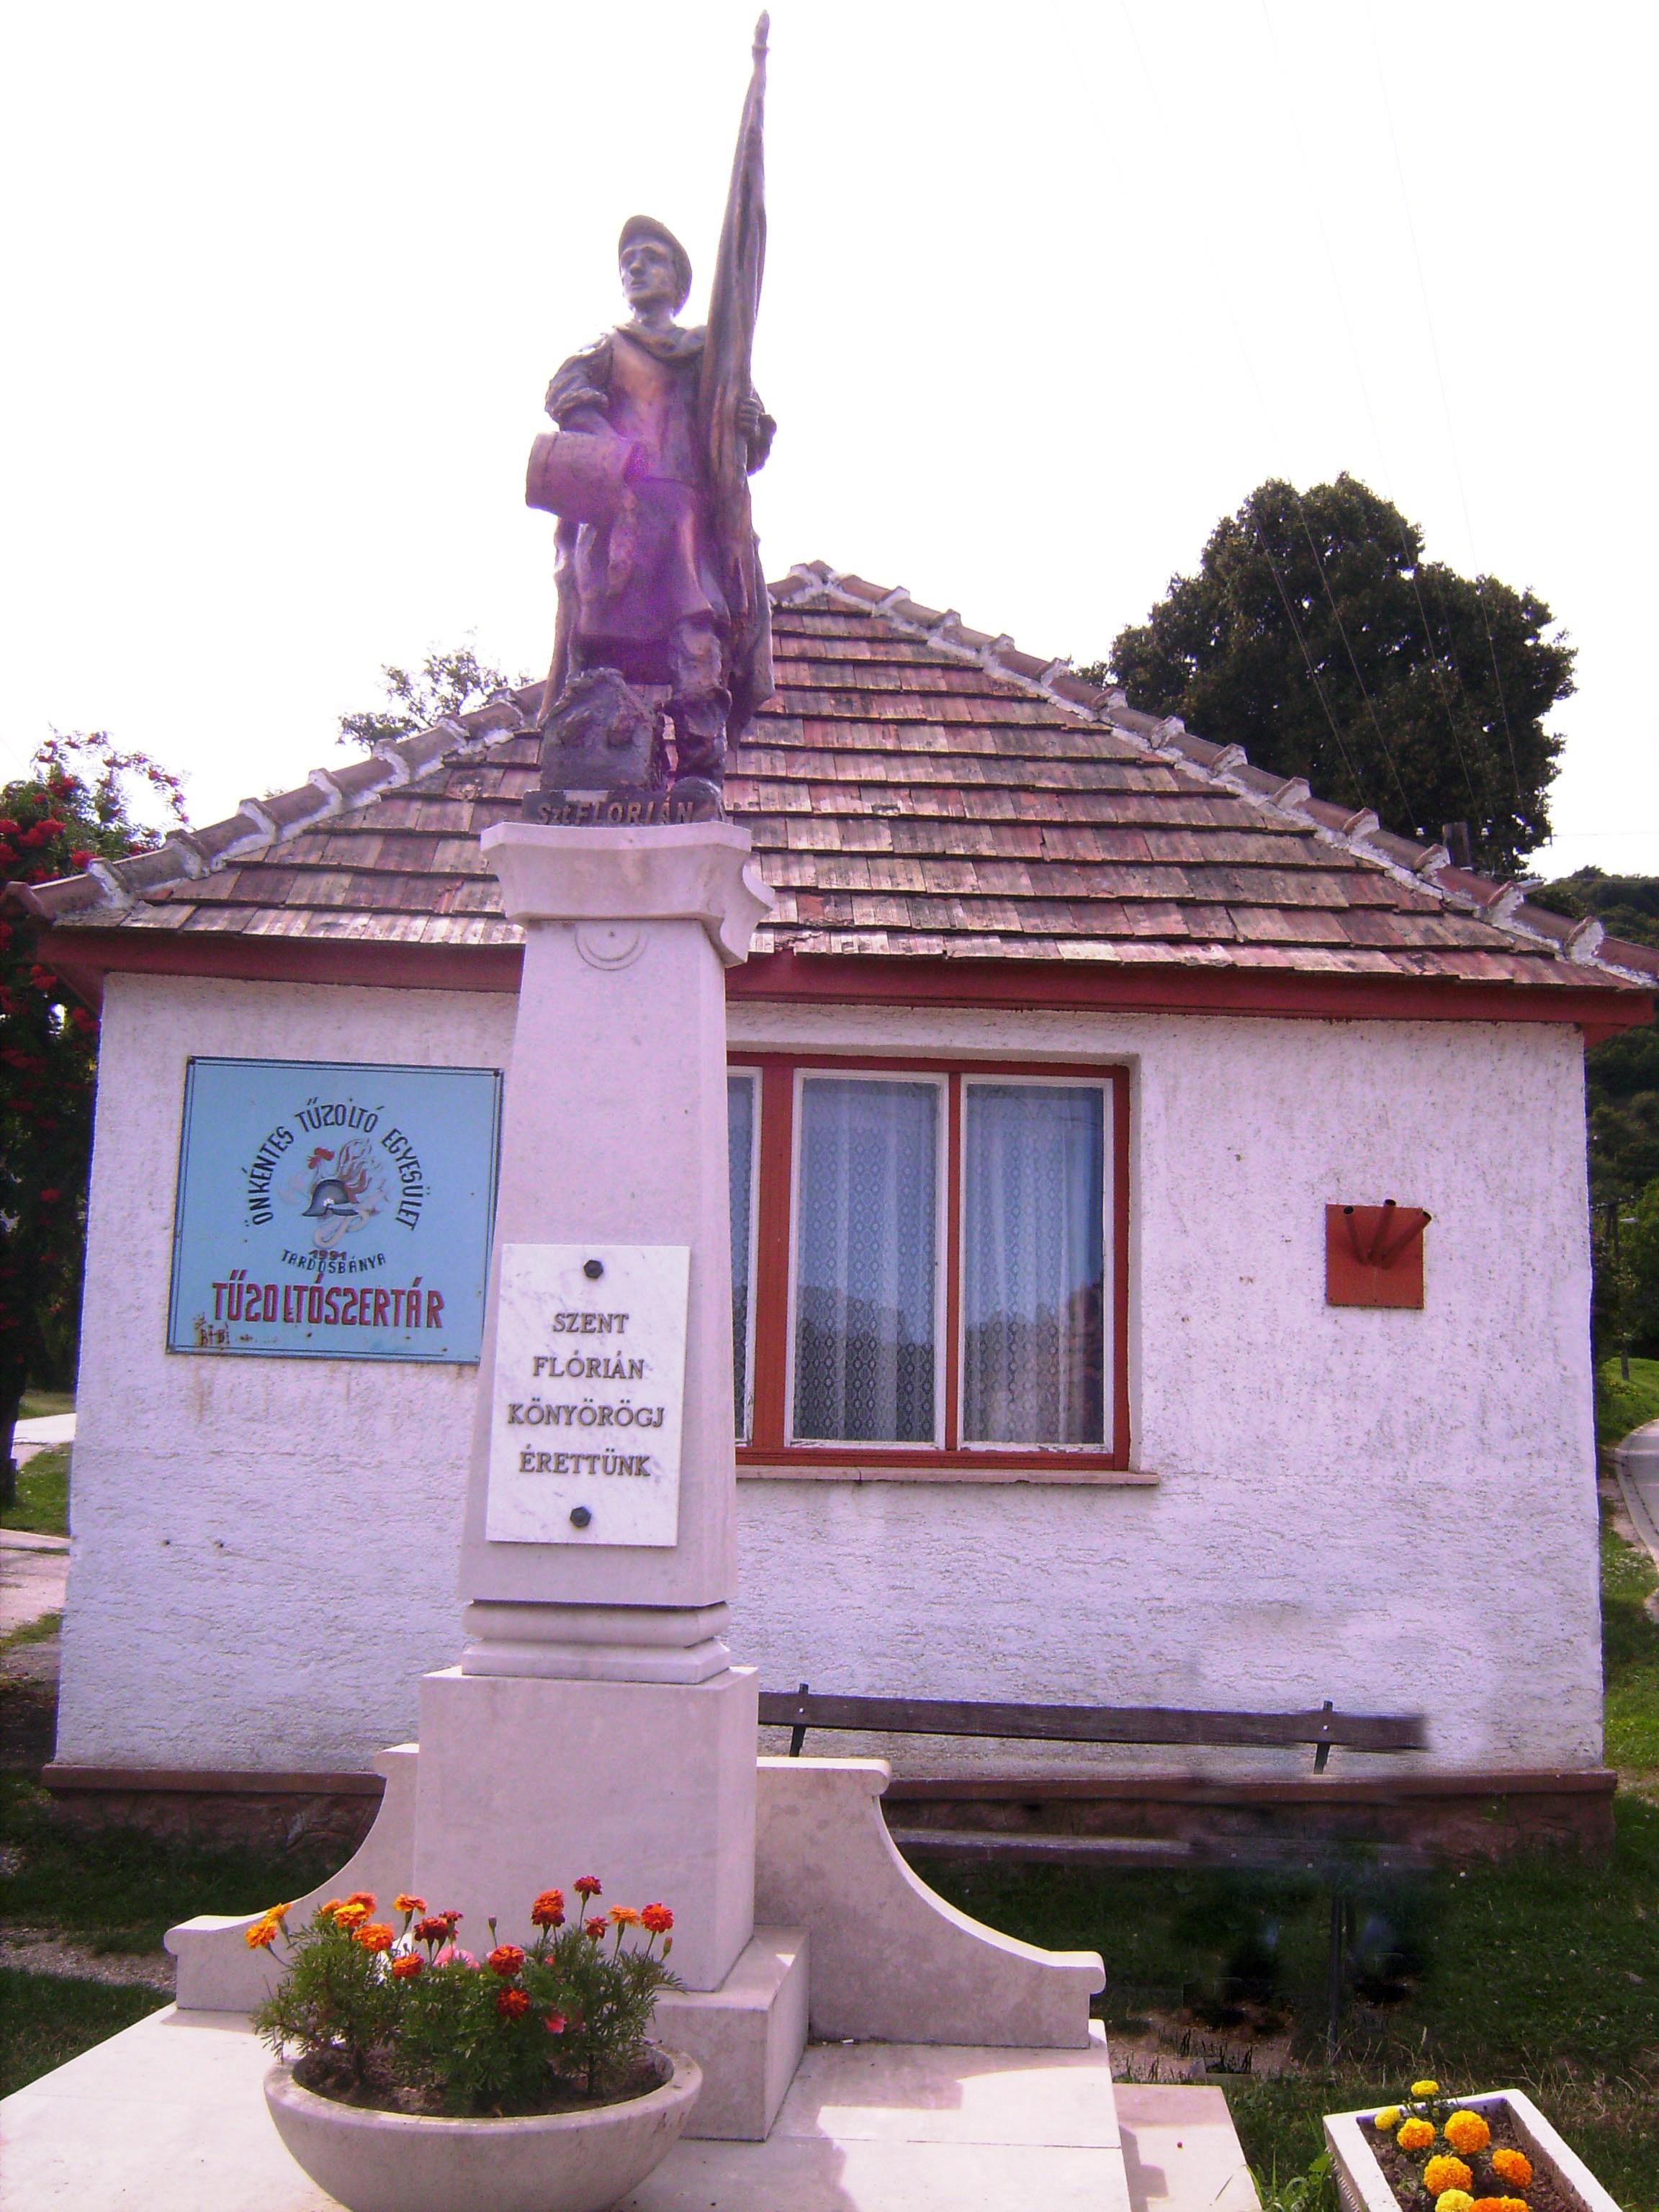 Tardoson többször is pusztított tűz, nem csoda, hogy Szent Flórián szobrot kapott a tűzoltószertár előtt.